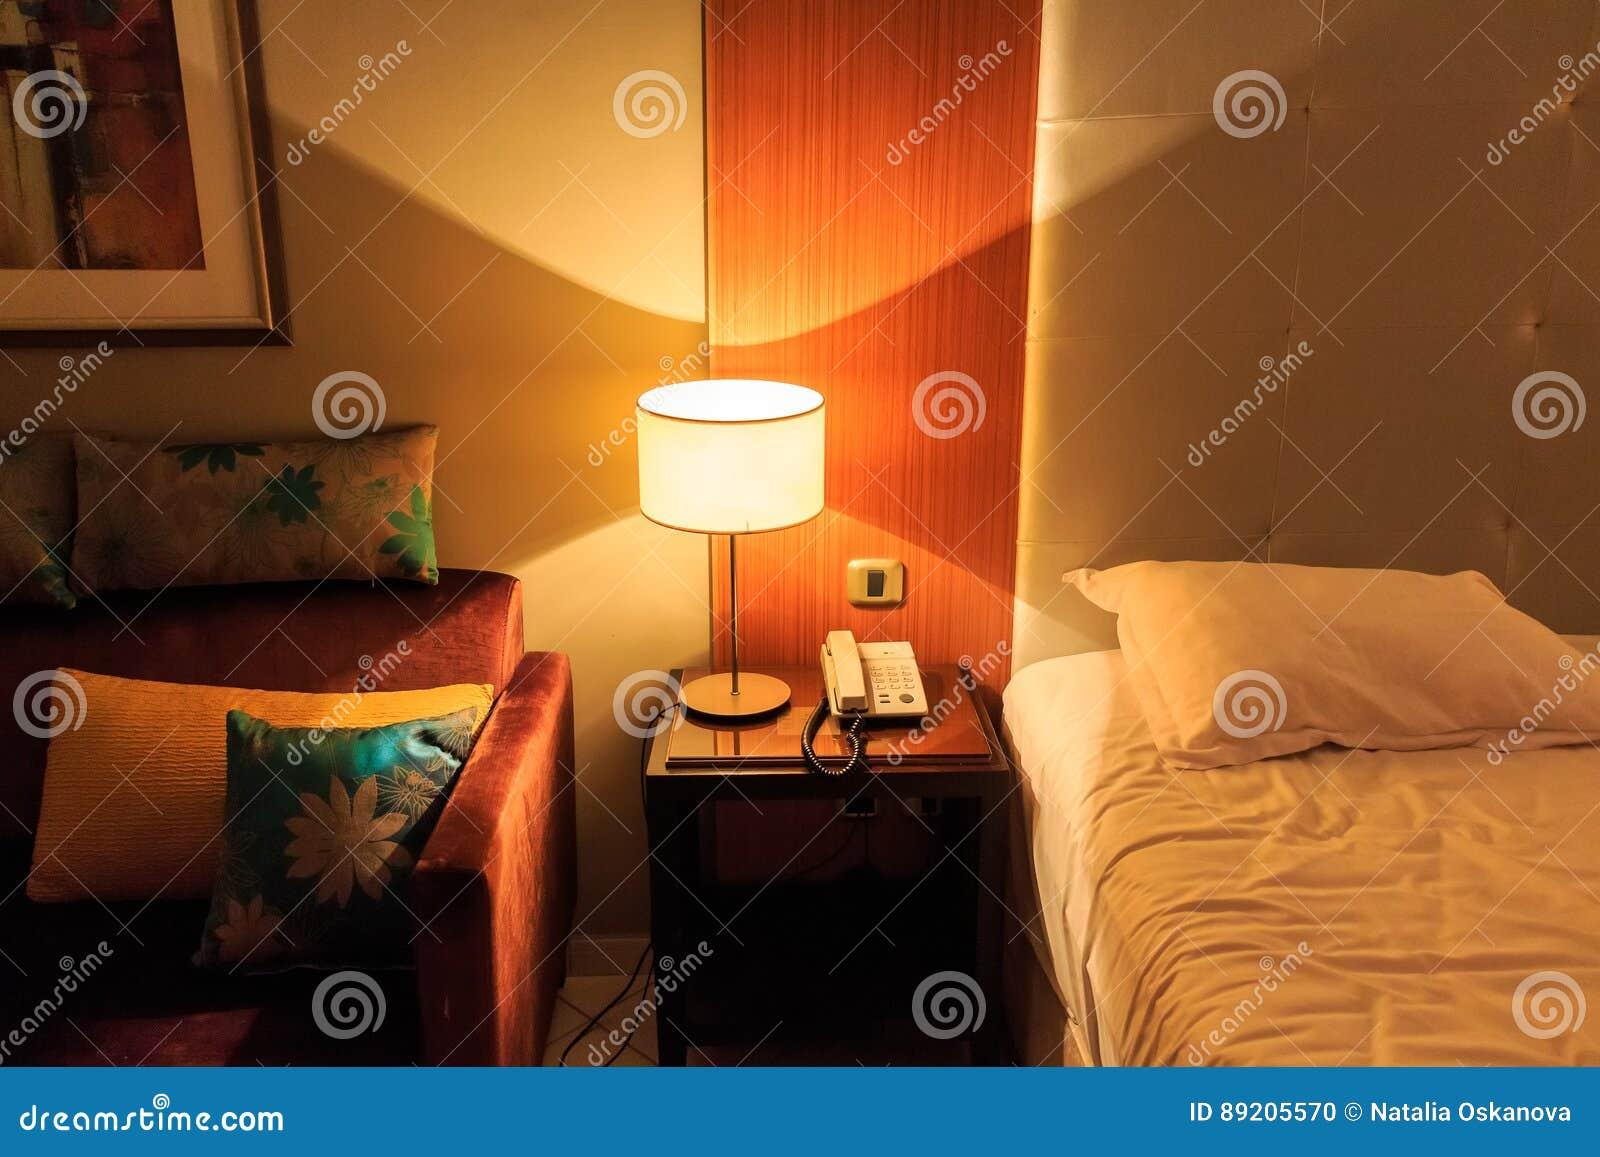 Avec Lampe De Chambre La Confortable Coucher À Intérieur Chevet MpVzGqSU